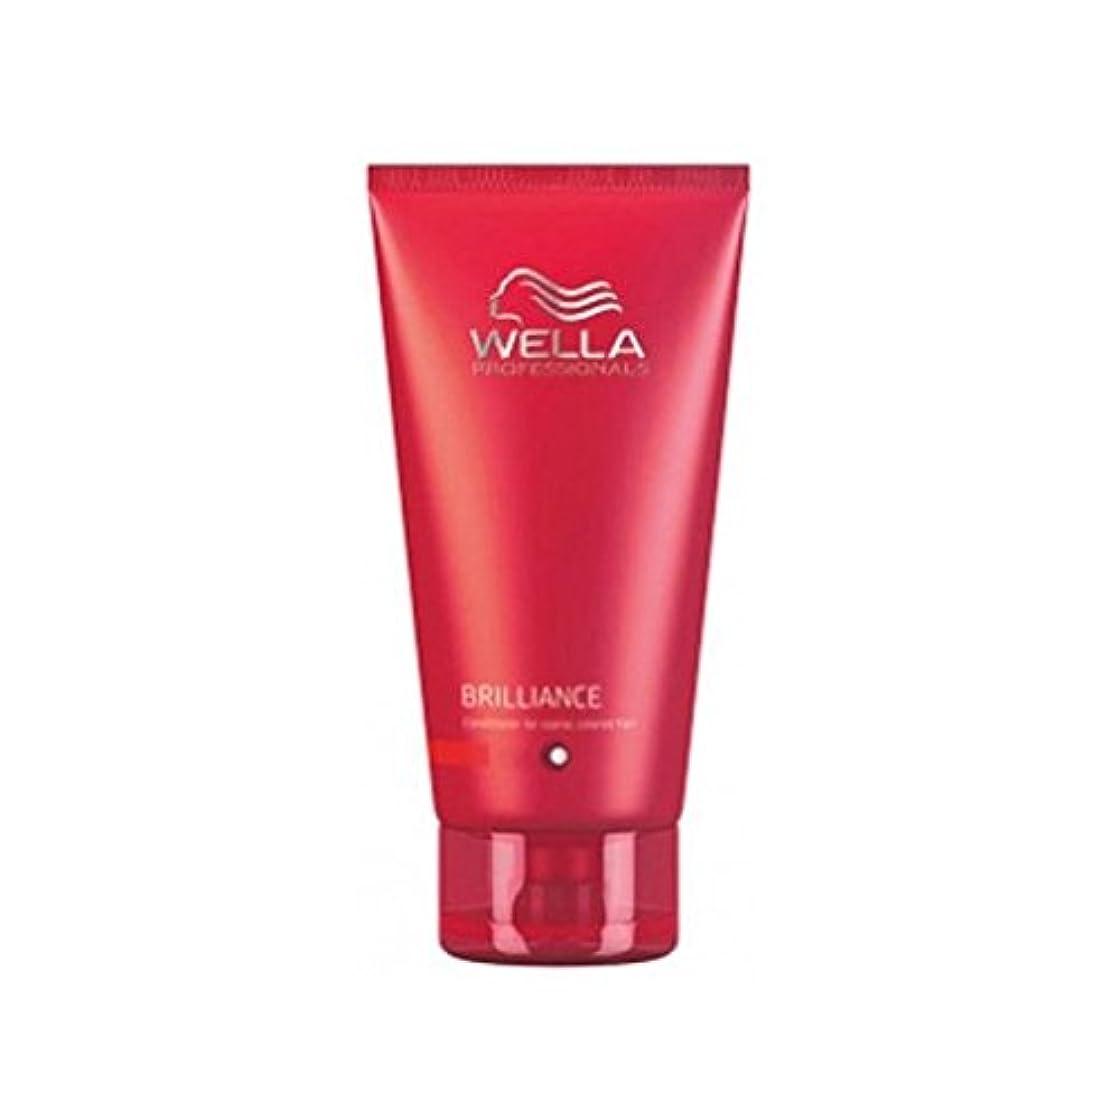 ヒープ崩壊ゴシップWella Professionals Brilliance Conditioner For Fine To Normal, Coloured Hair (200ml) - ウェラの専門家が通常に細かいためのコンディショナー...